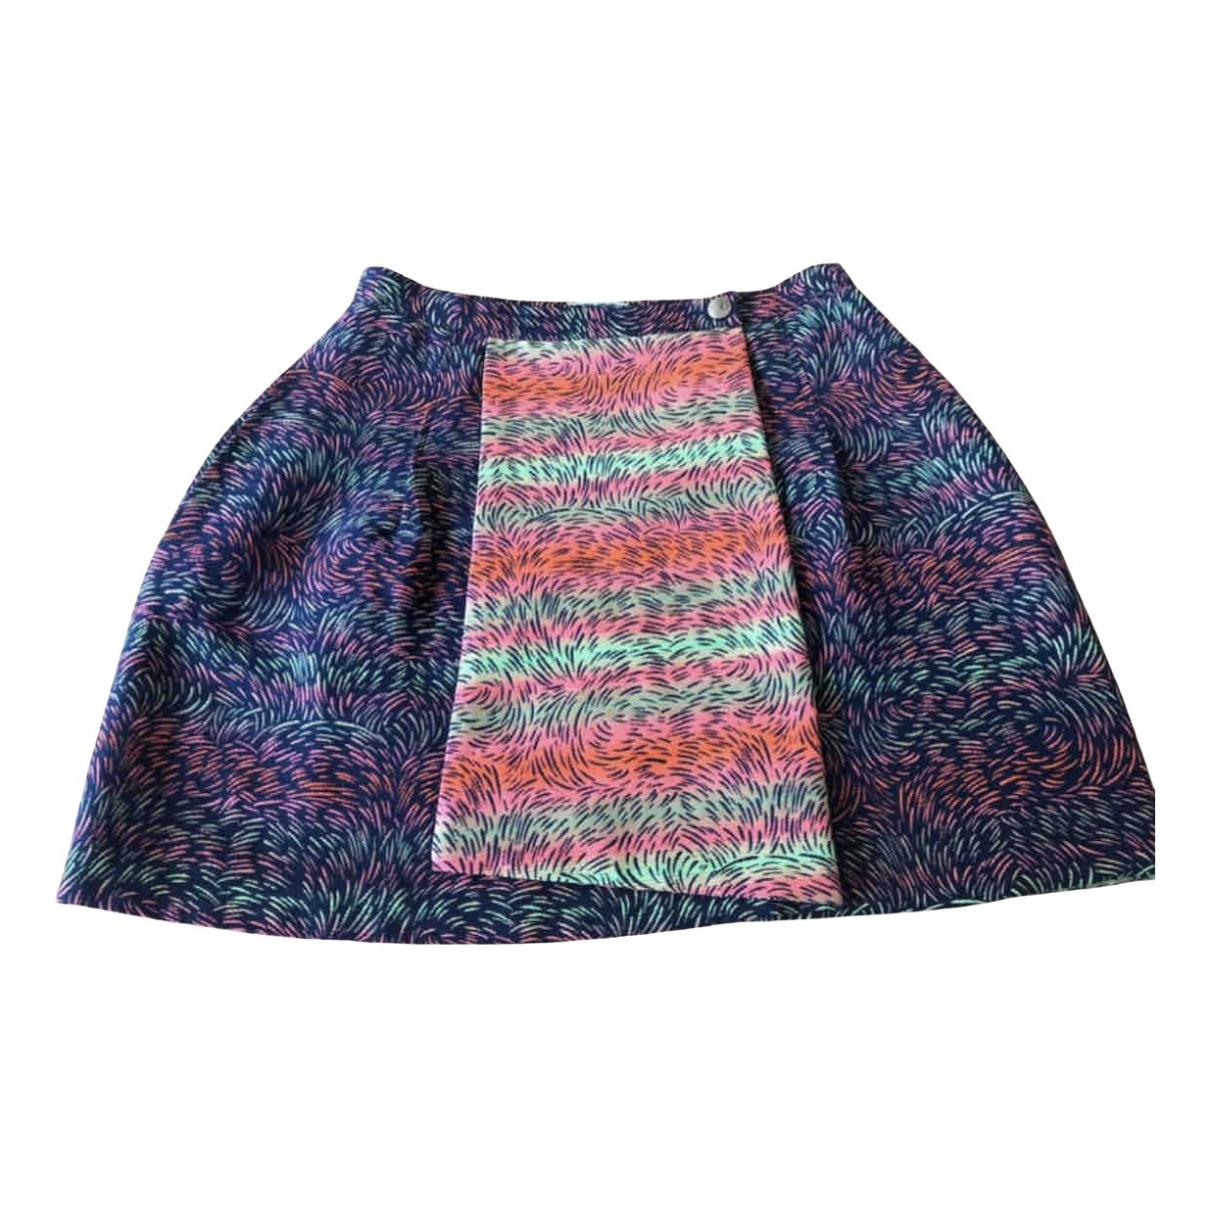 Kenzo N Multicolour Cotton skirt for Women 36 FR